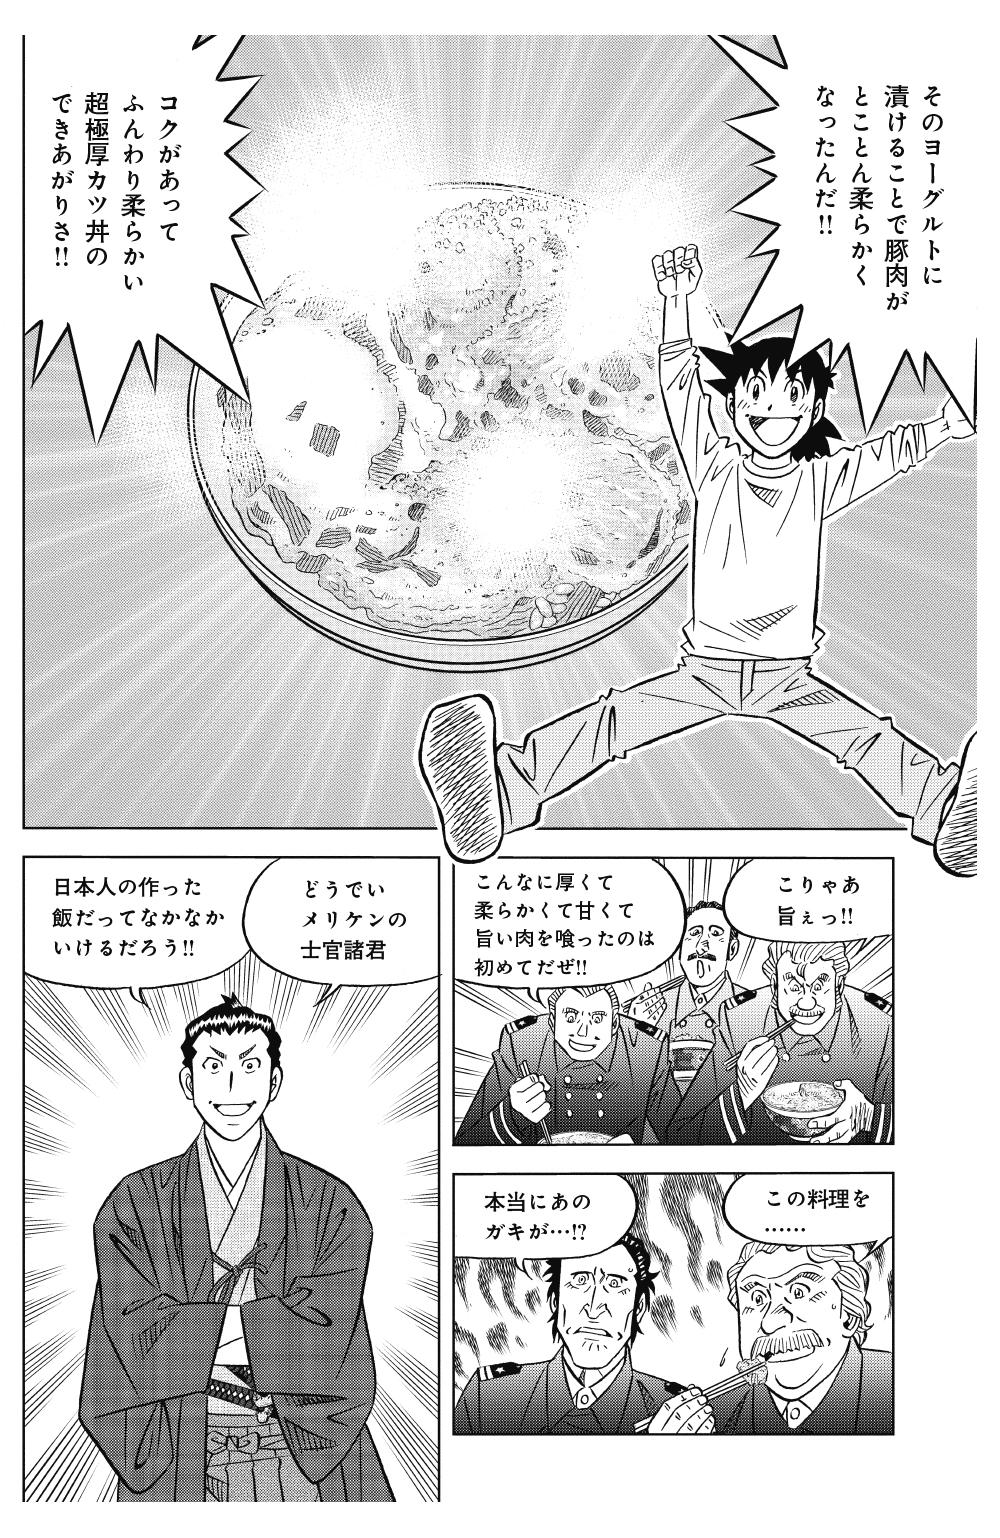 ミスター味っ子 幕末編 第1話「黒船来航」③ajikko33.jpg